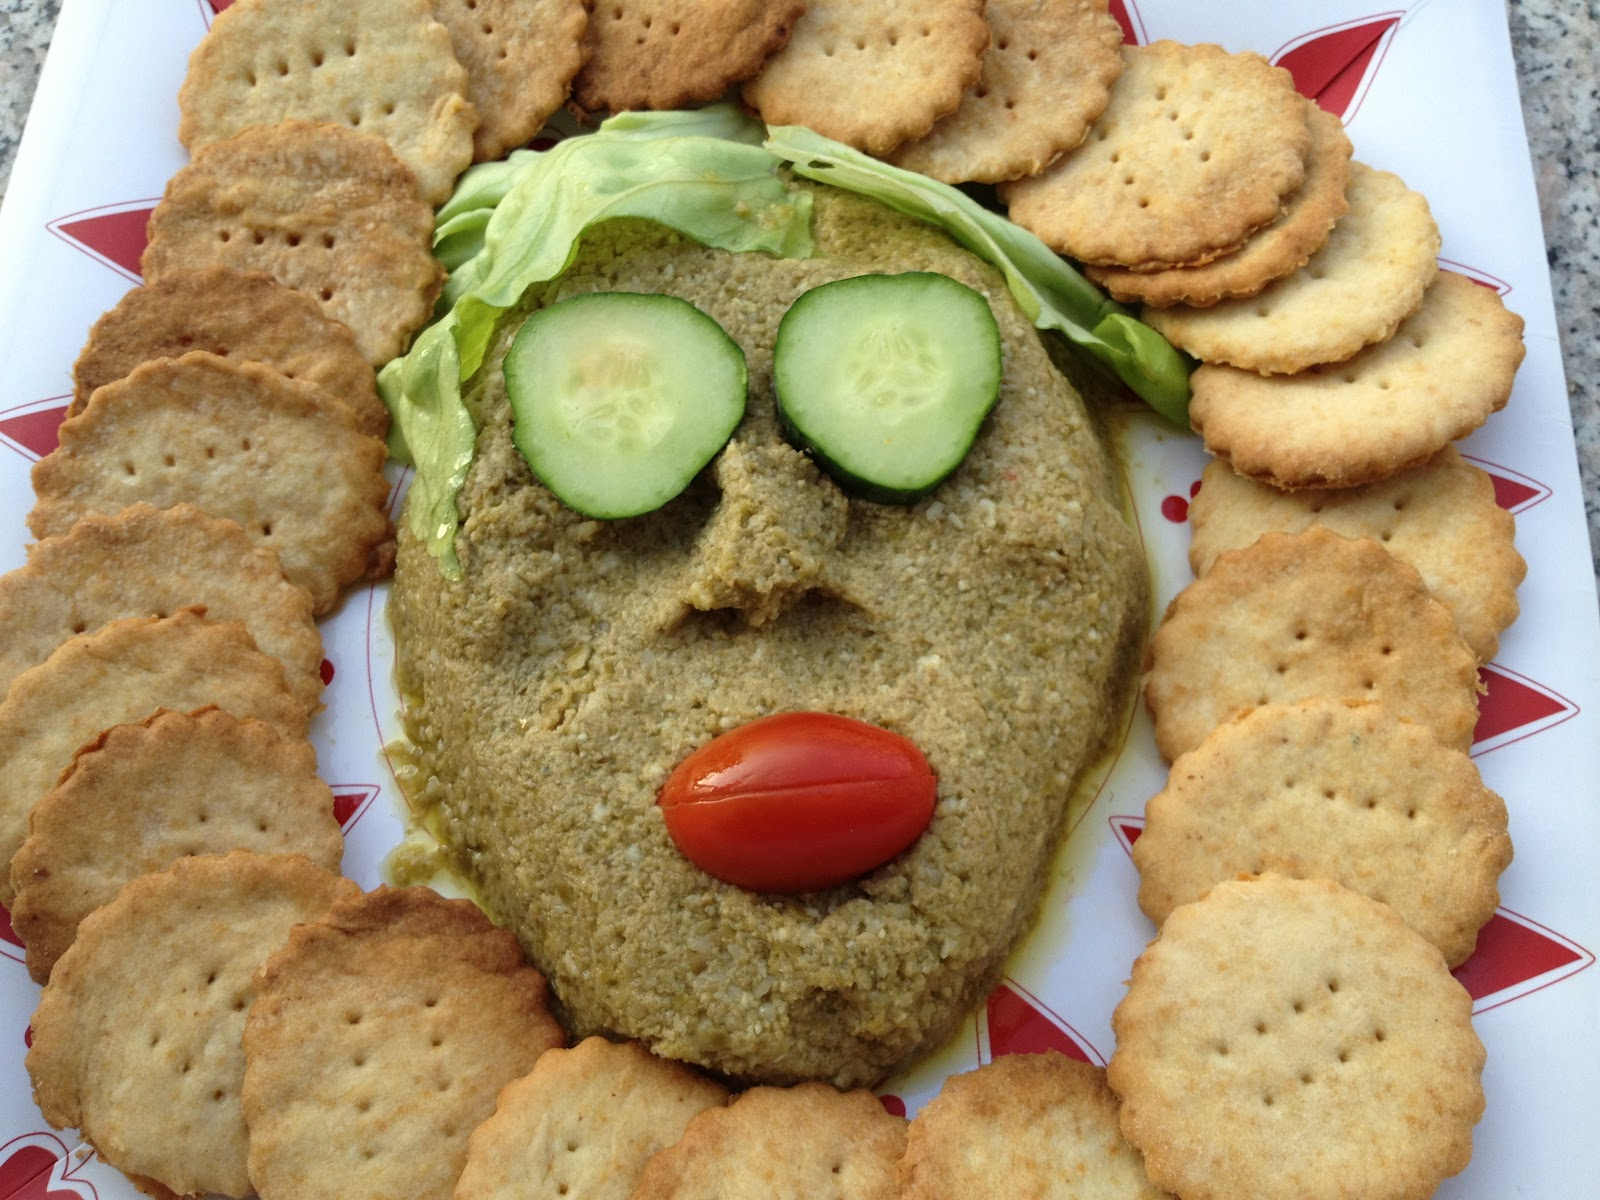 Perfetto per un aperitivo tra amiche o un pigiama party: il paté di olive verdi!